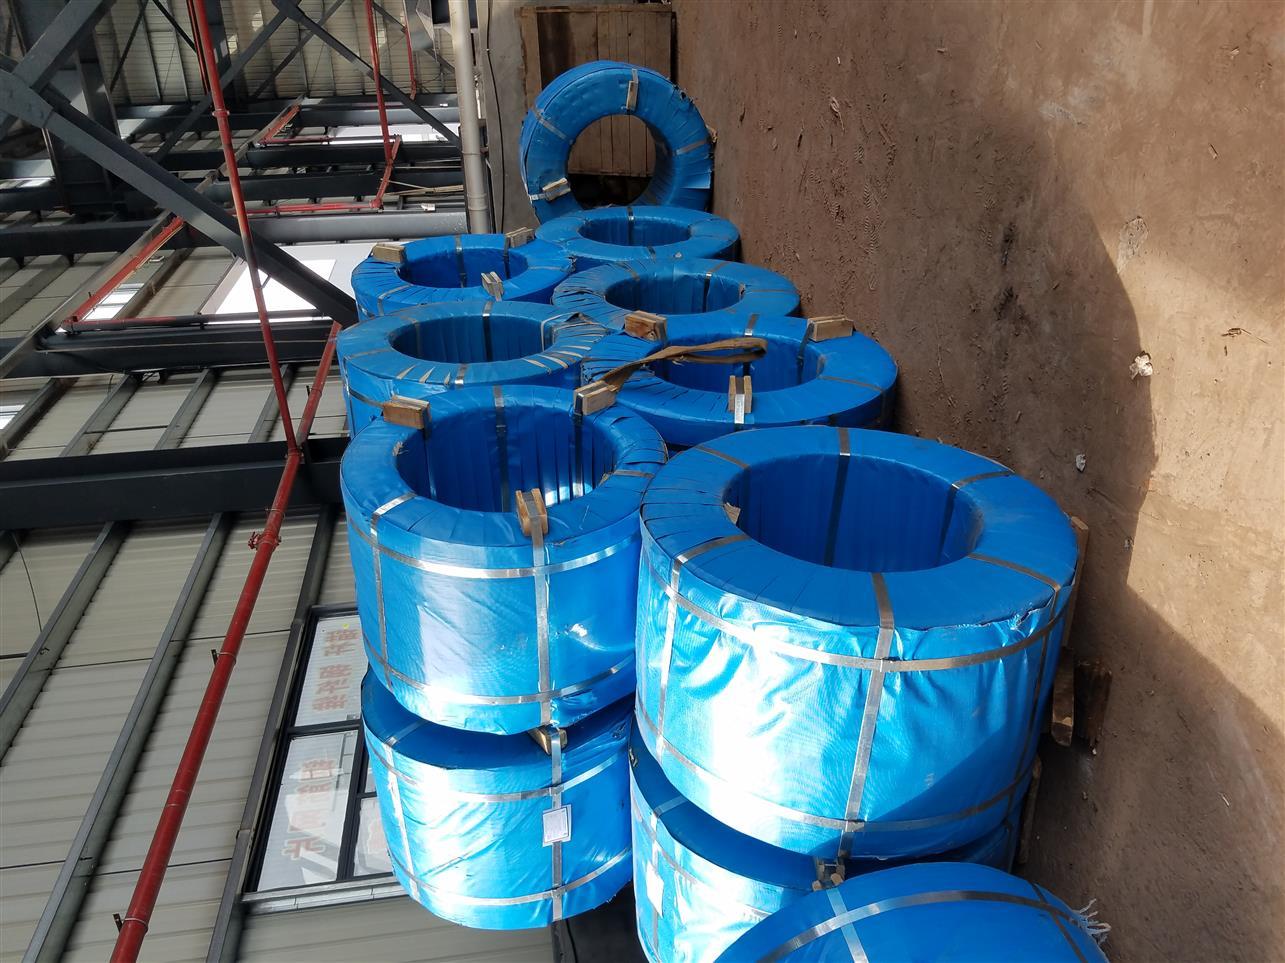 安全压力分散装置价格 边坡锚具分散装置 专业生产锚具